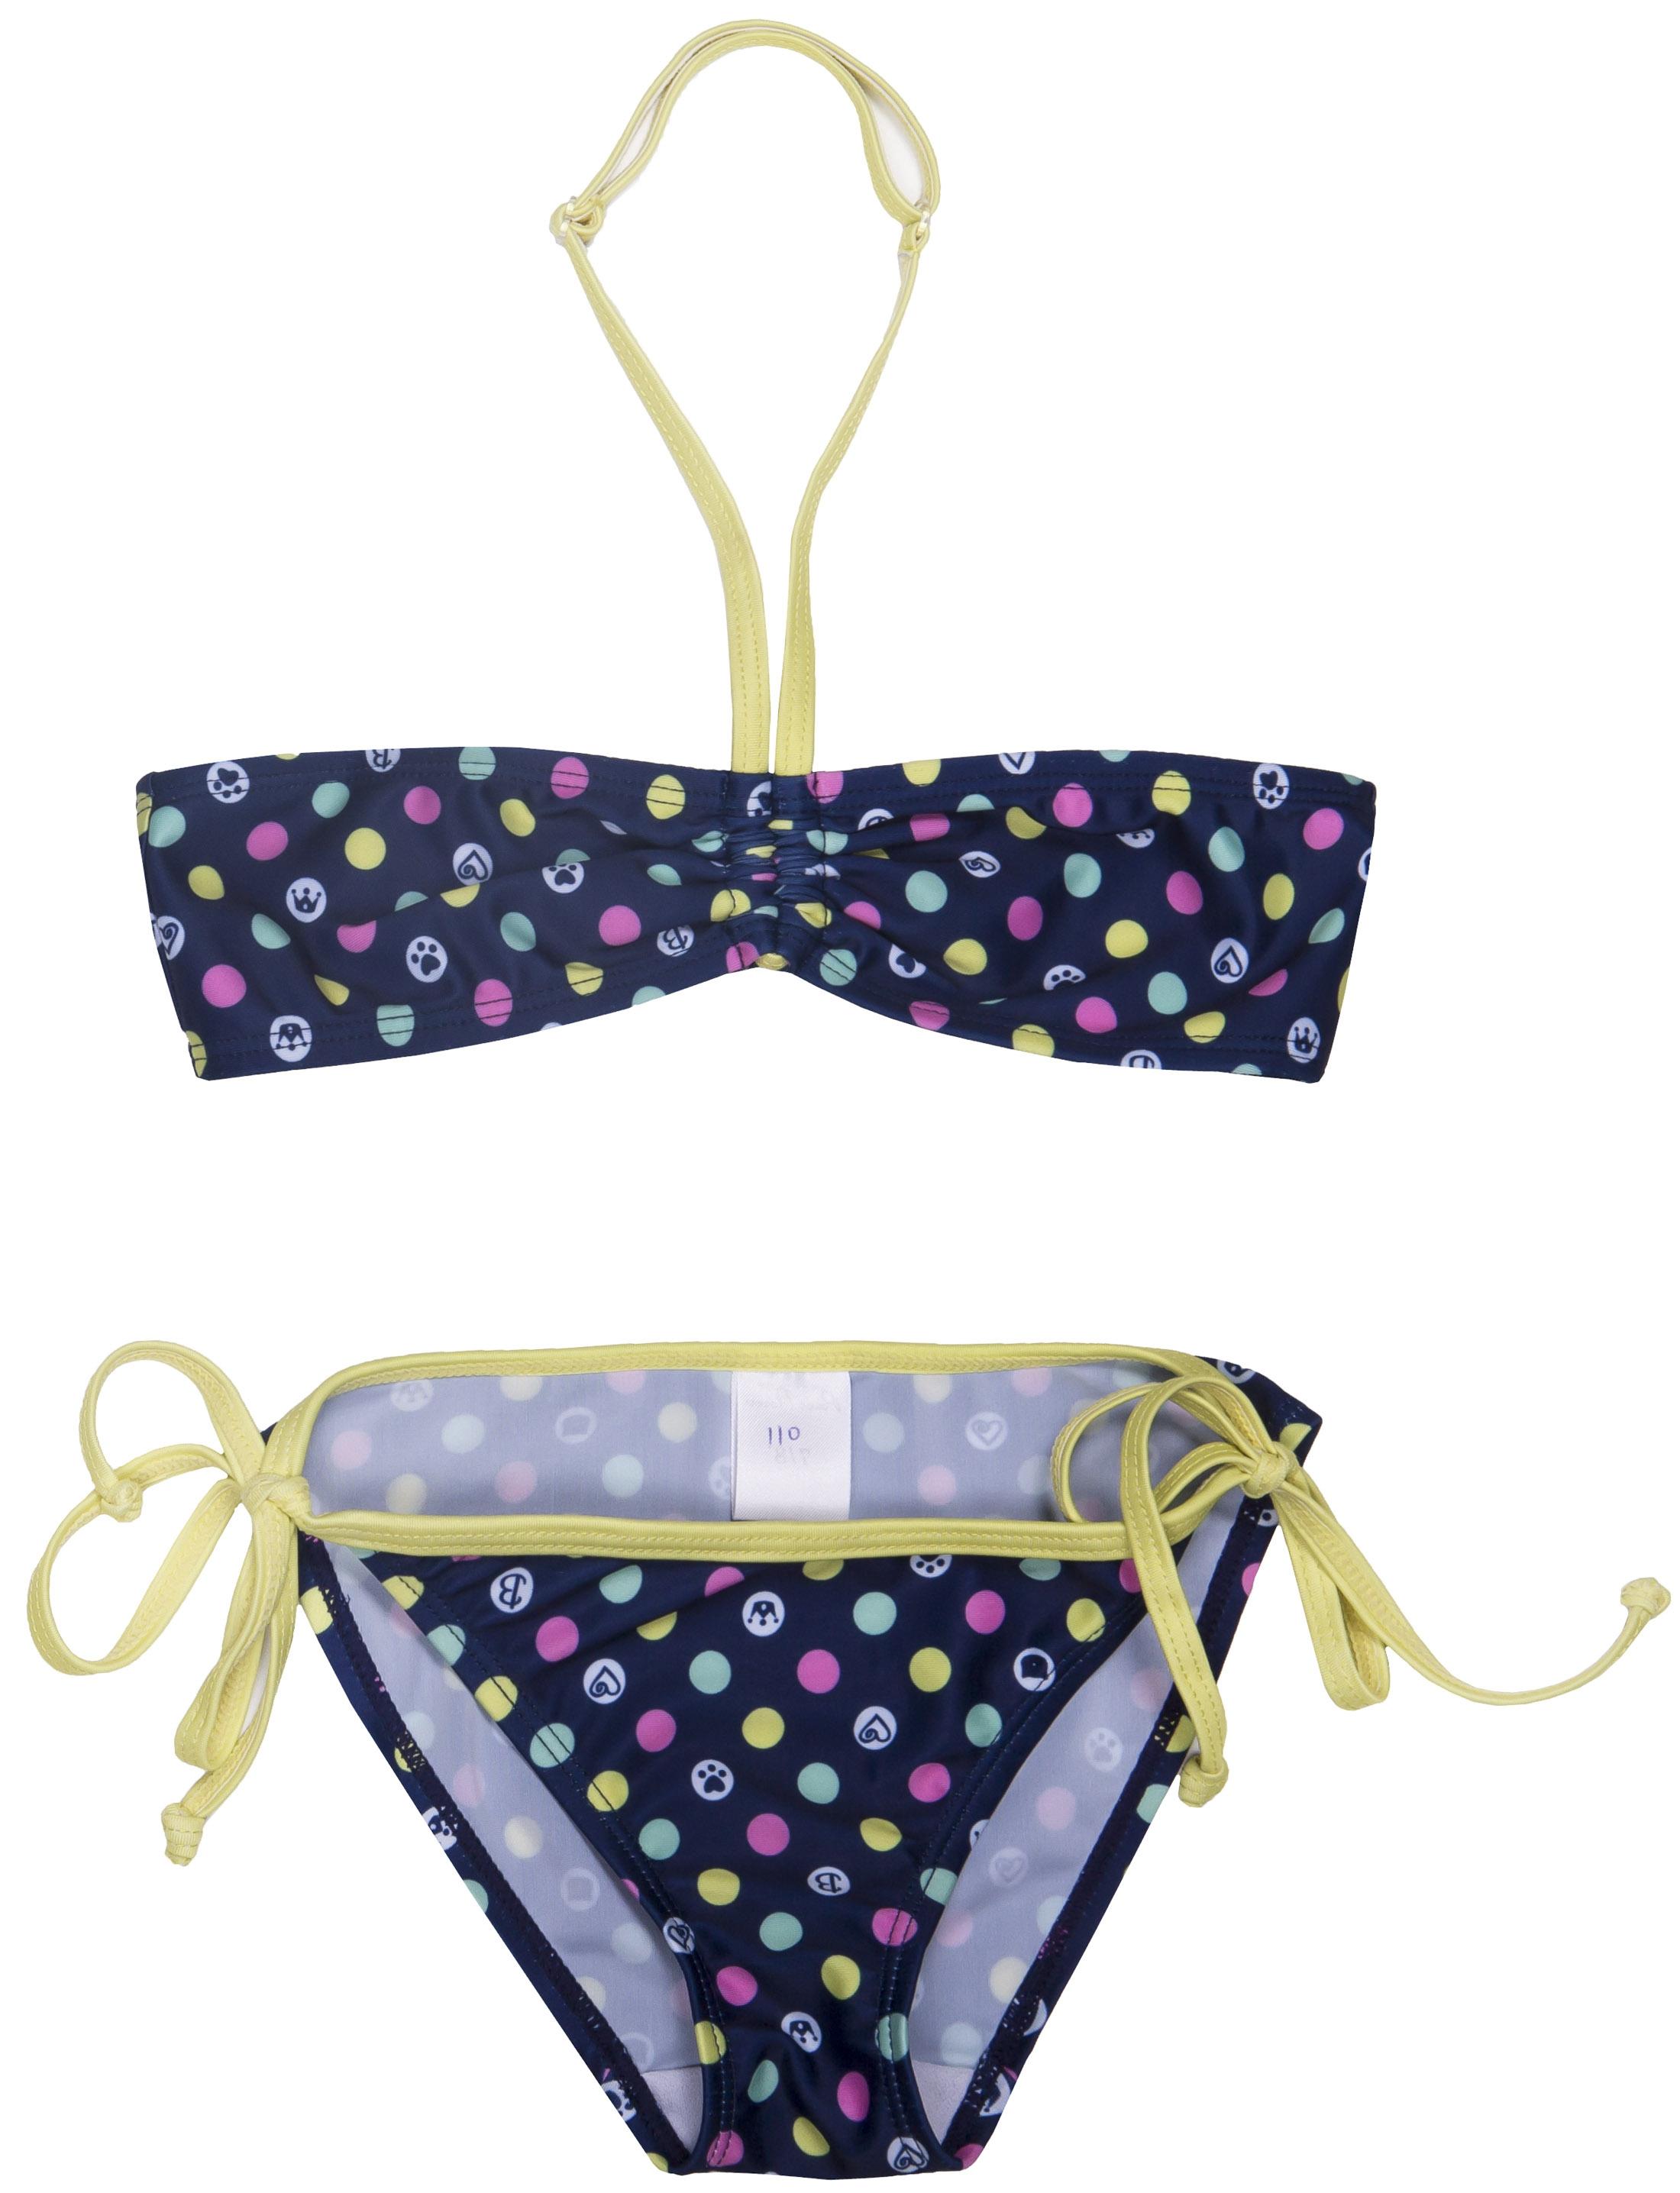 Купальники и плавки Barkito Костюм купальный модель «бикини» для девочки Barkito,синий с рисунком «горошек» раздельные купальники laete бикини